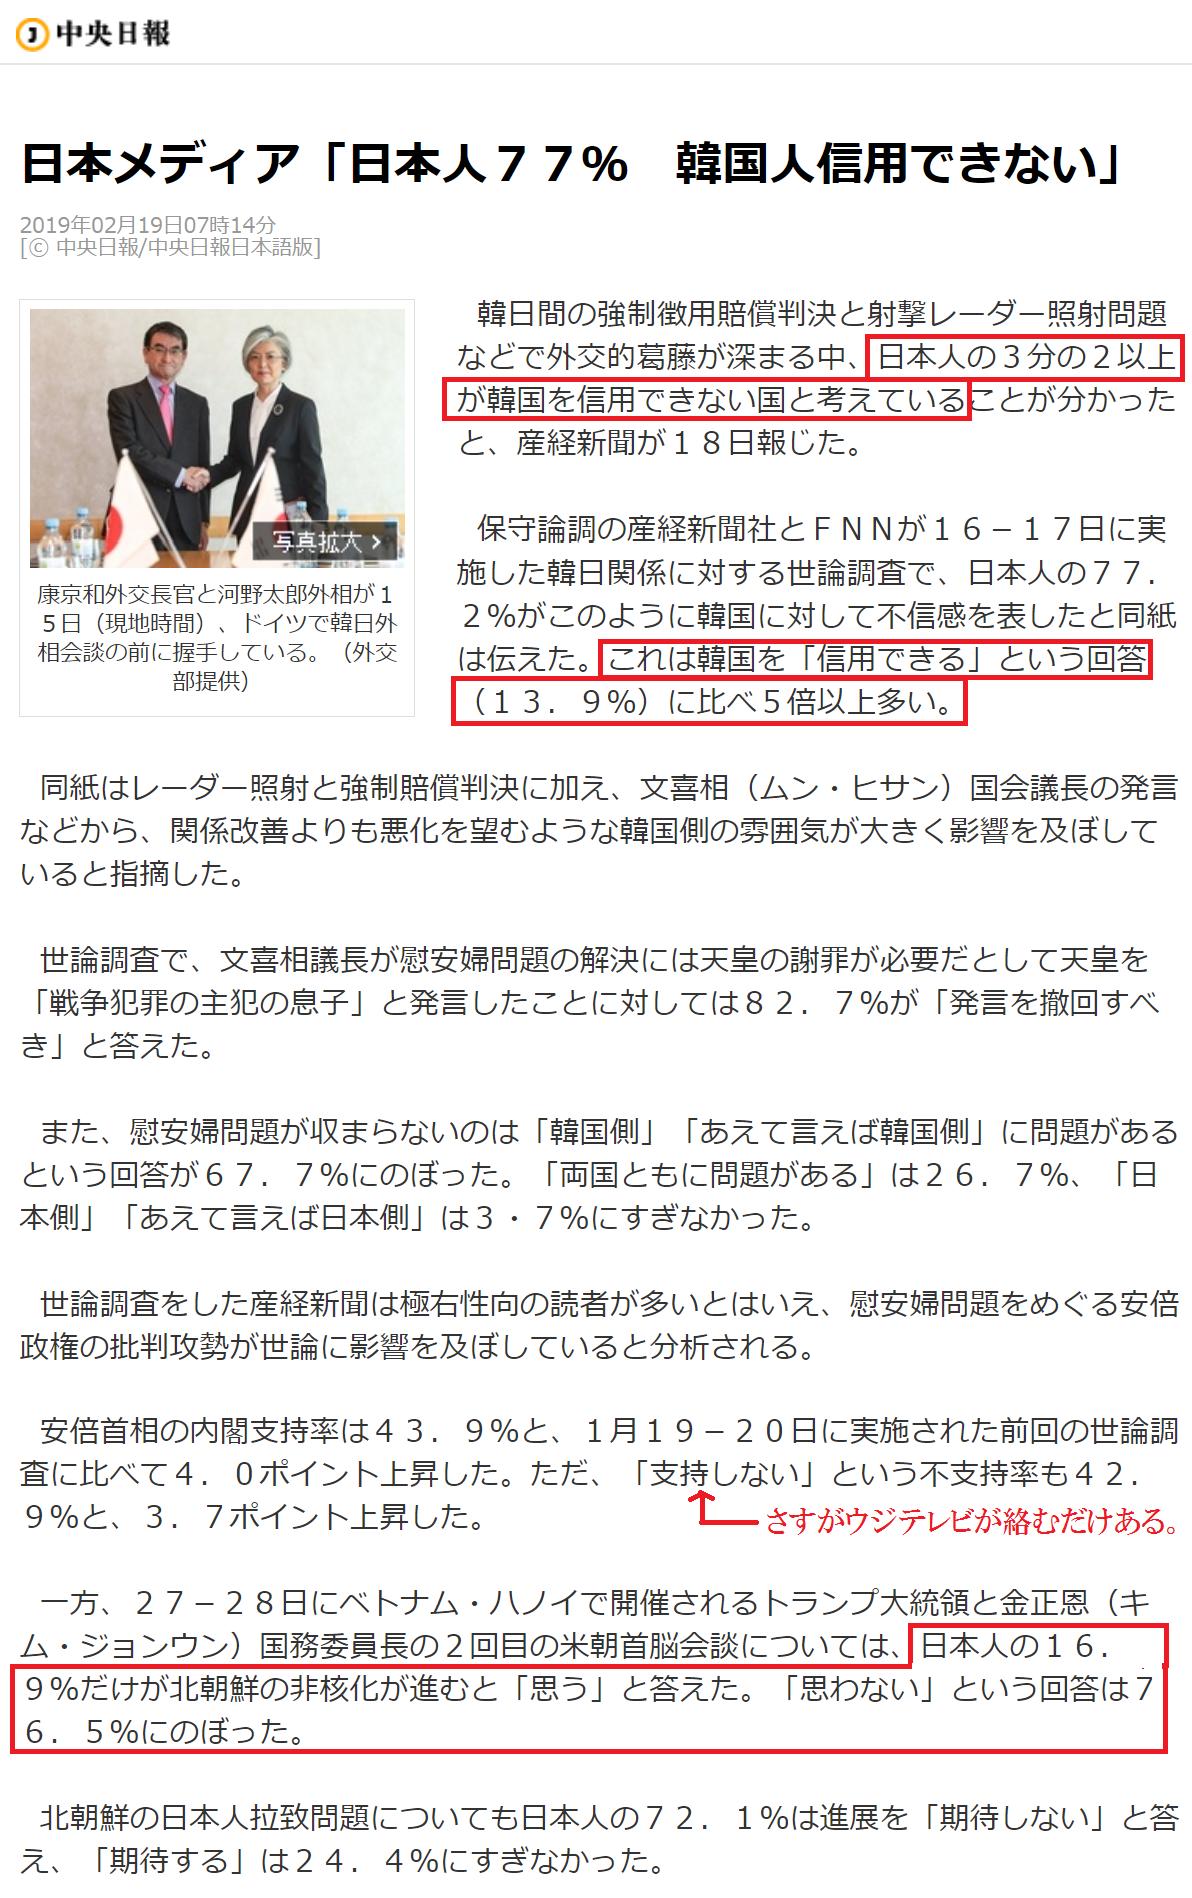 JNN産経の世論調査「日本人の77%が朝鮮人は信用できない」